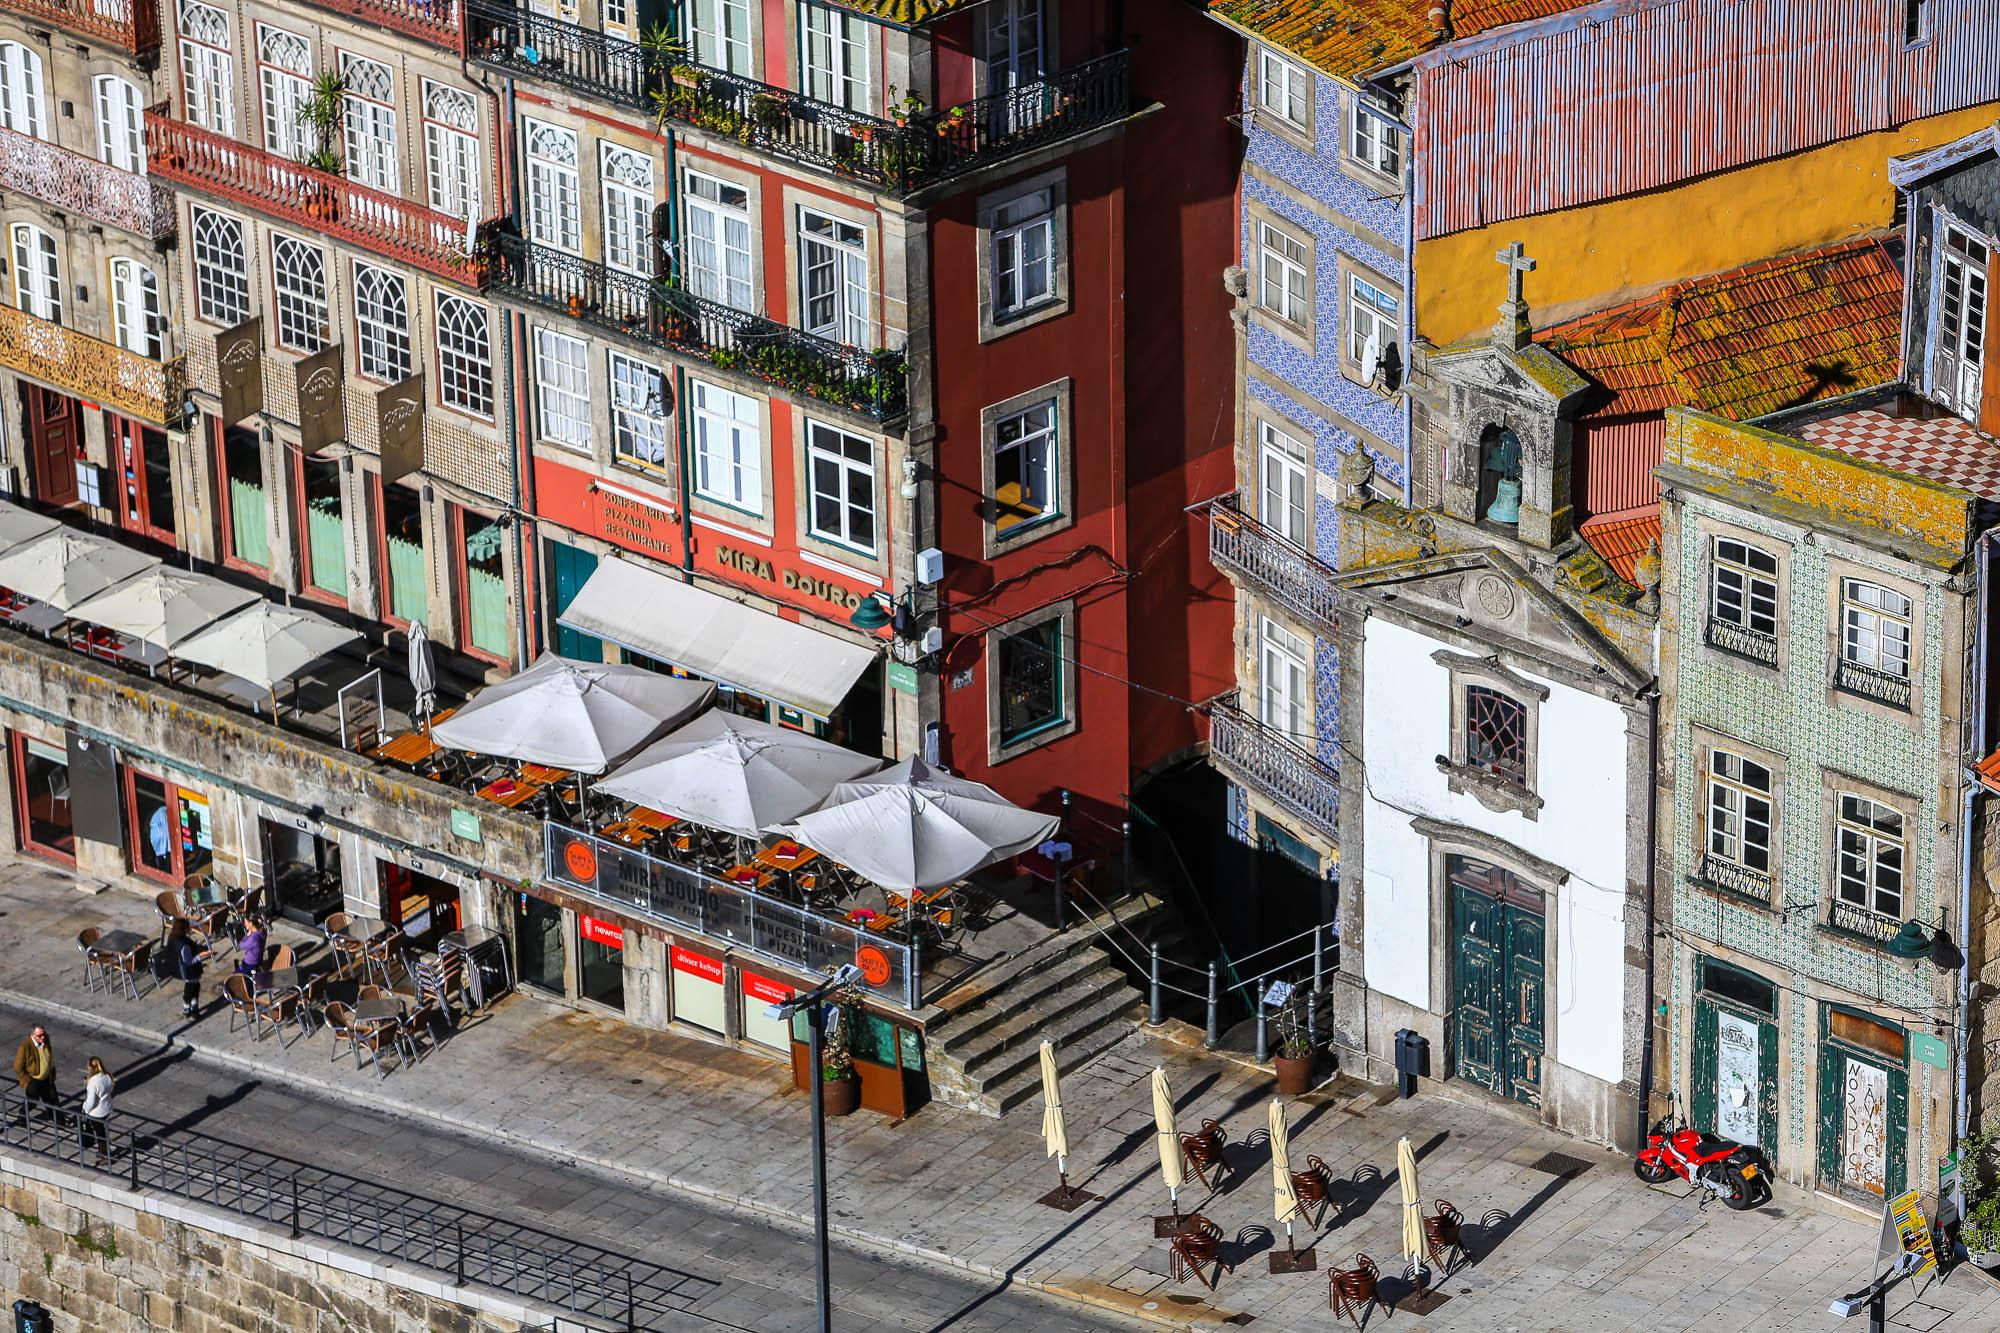 PORTUGAL-2012-jusmedic-#1007